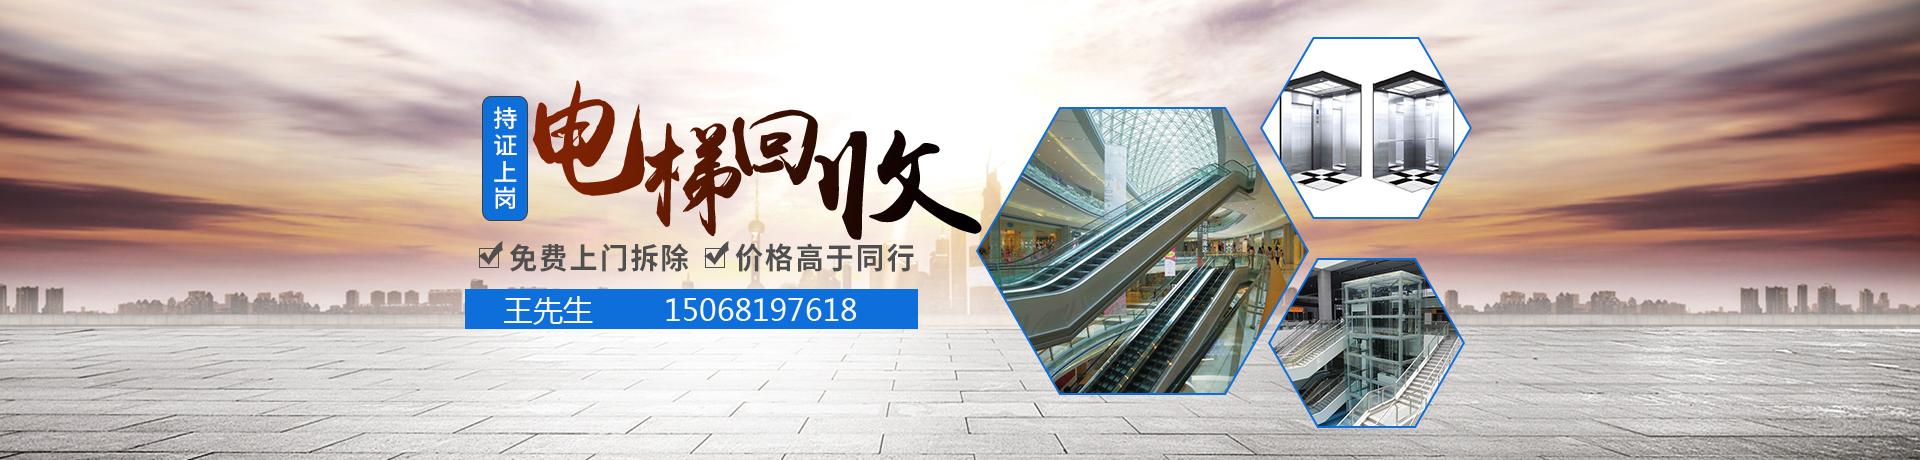 杭州电梯回收